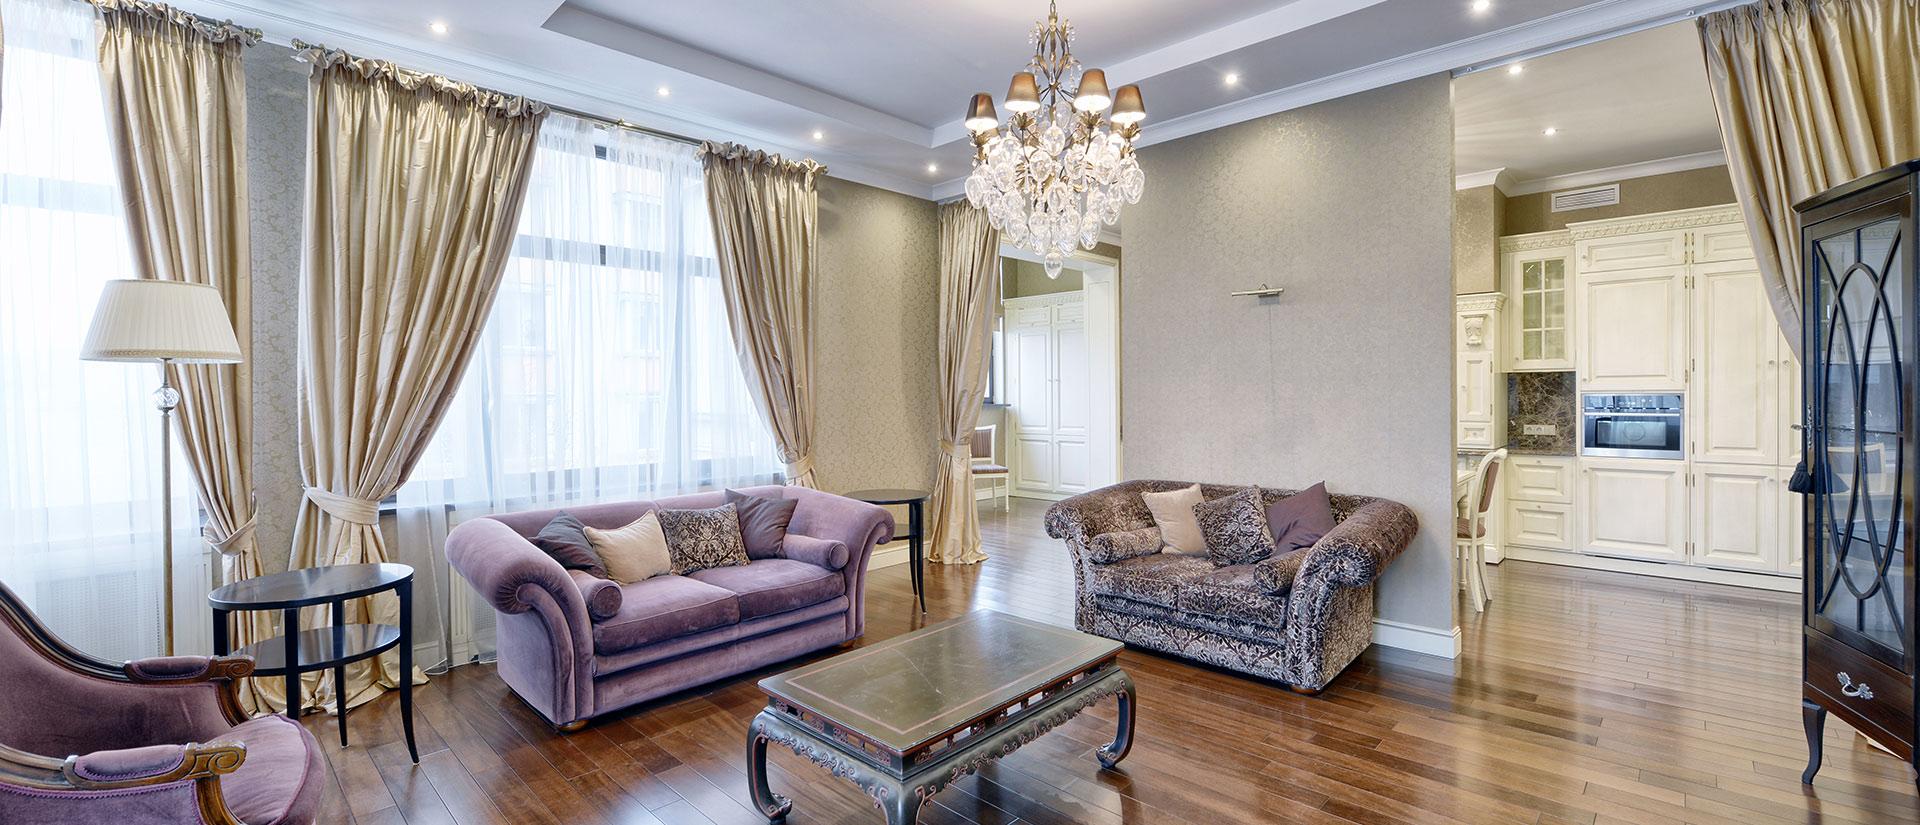 Full Size of Wohnzimmer Gardinen Nach Ma Kaufen Ihre Fensterdeko Bad Vorhang Küche Wohnzimmer Vorhang Terrassentür